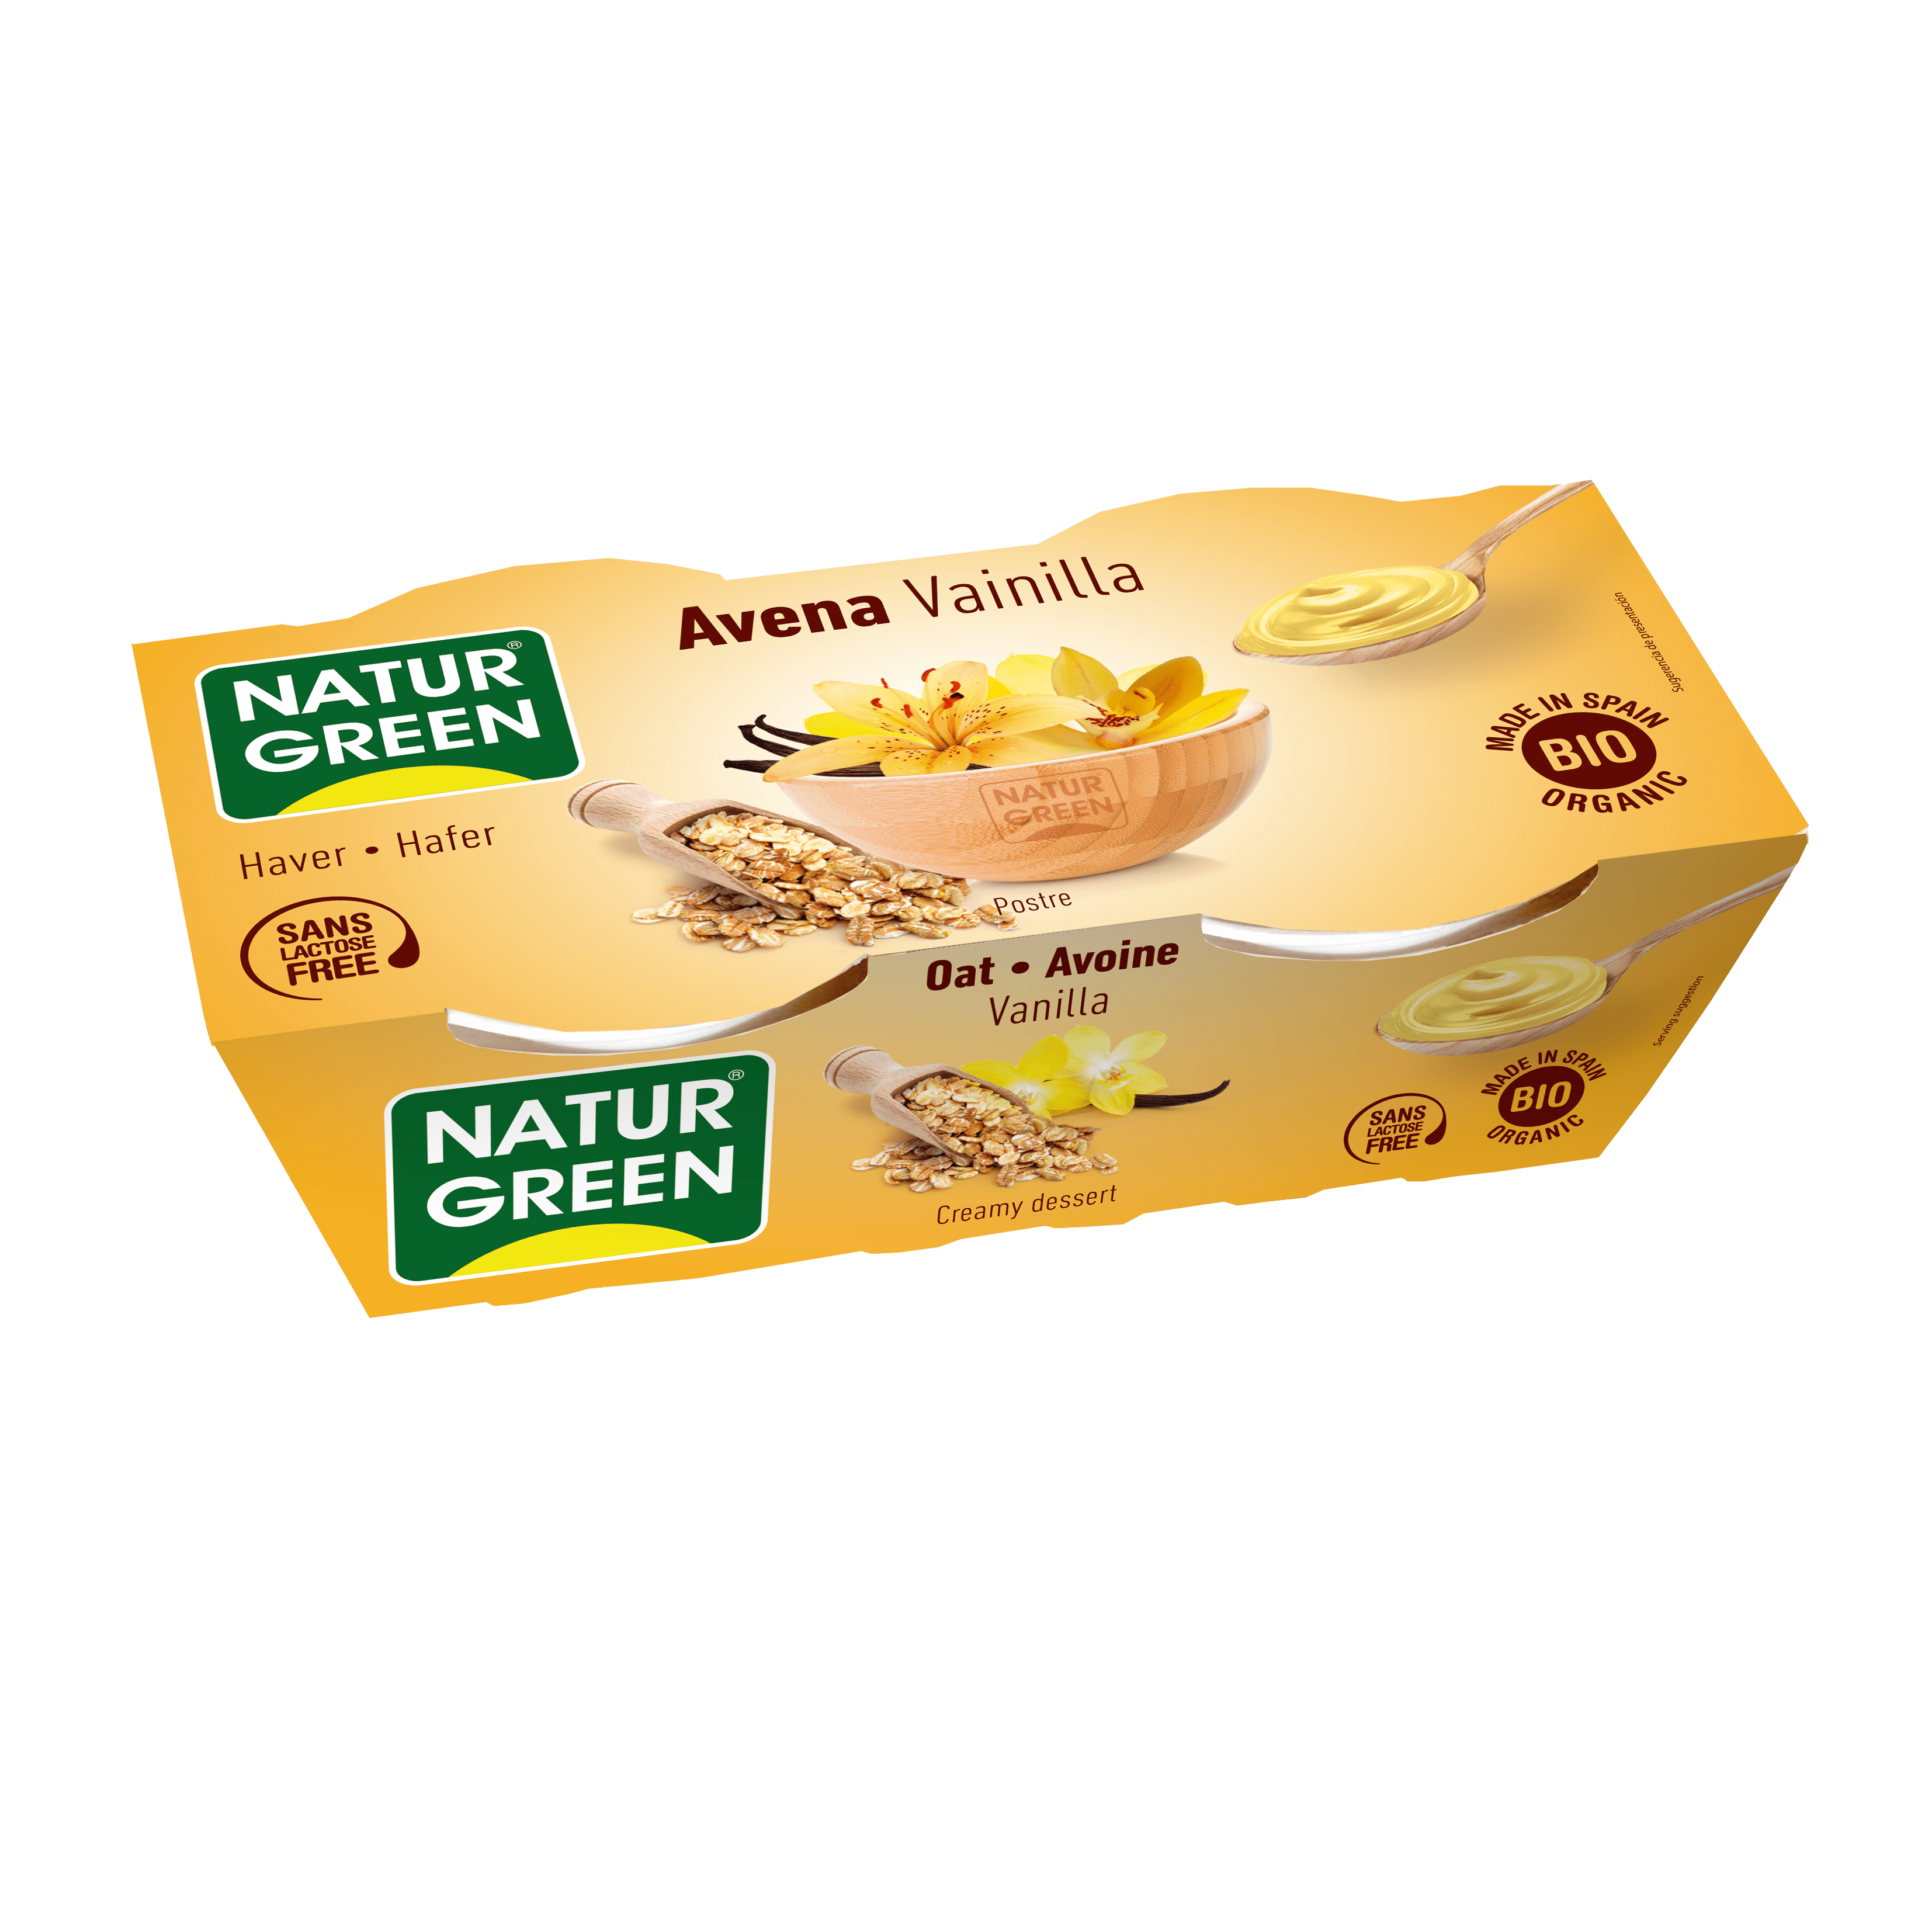 Органічний рослинний десерт з вівса з ваніллю, 125гр х 2 - купить в интернет-магазине Юнимед